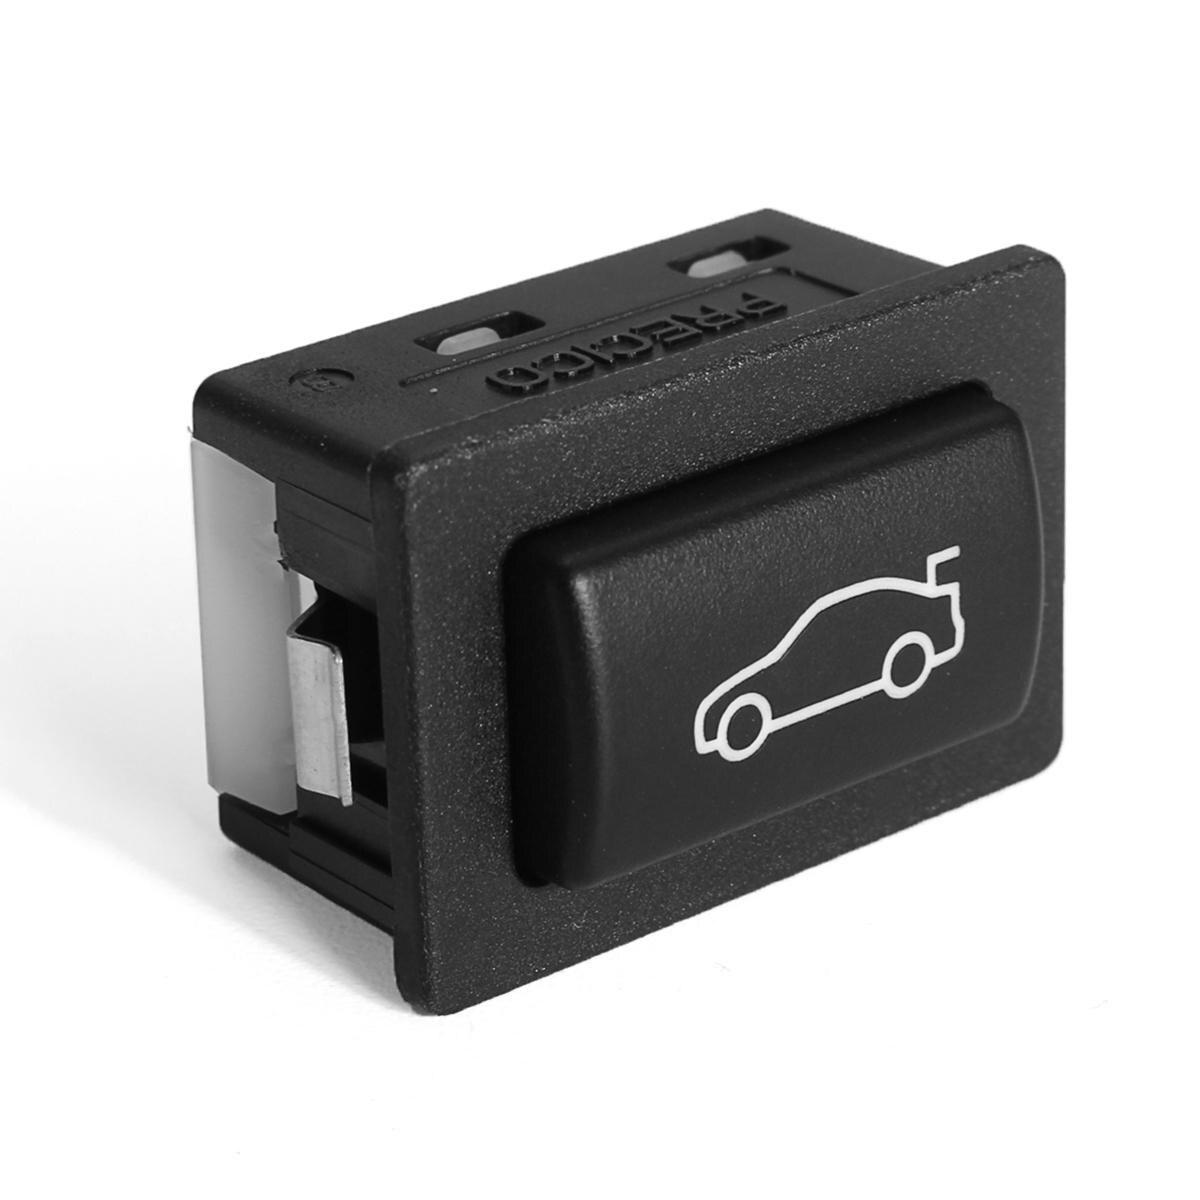 1 botón de interruptor de desbloqueo de la caja interior del maletero del coche para BMW F20 F30 F35 F10 F11 F18 E84 61319200316 Botón de interruptor de desbloqueo Contro